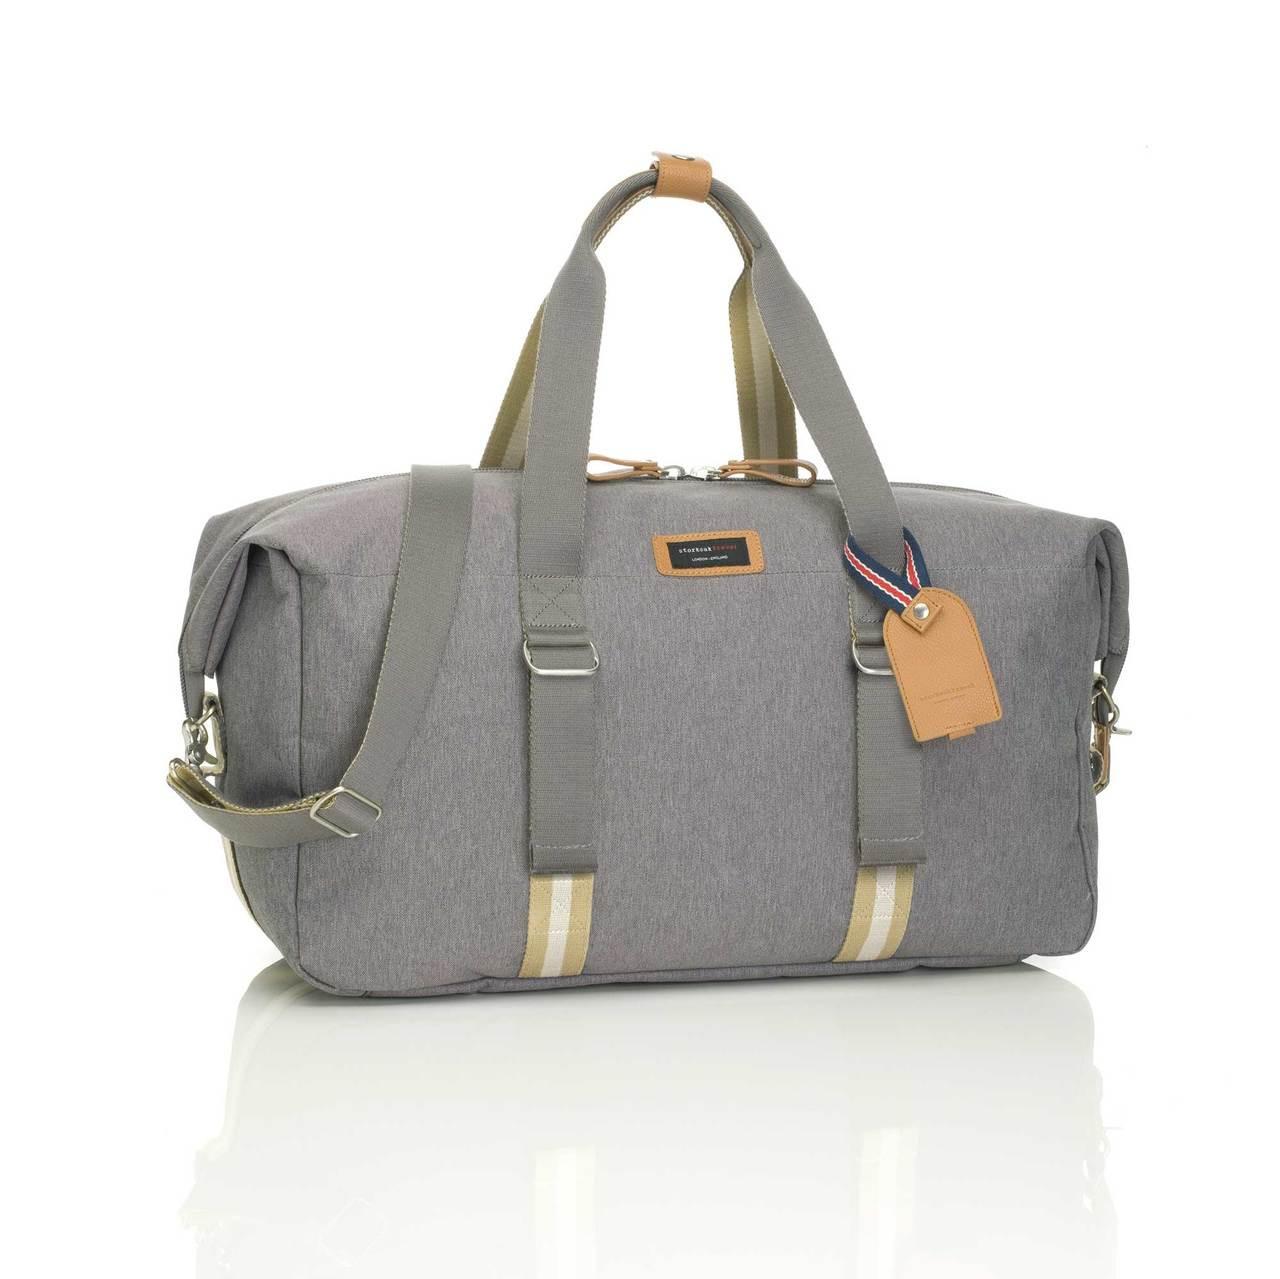 e6107a4c49e1 Storksak Travel Duffle Bag / Hospital Bag - Grey